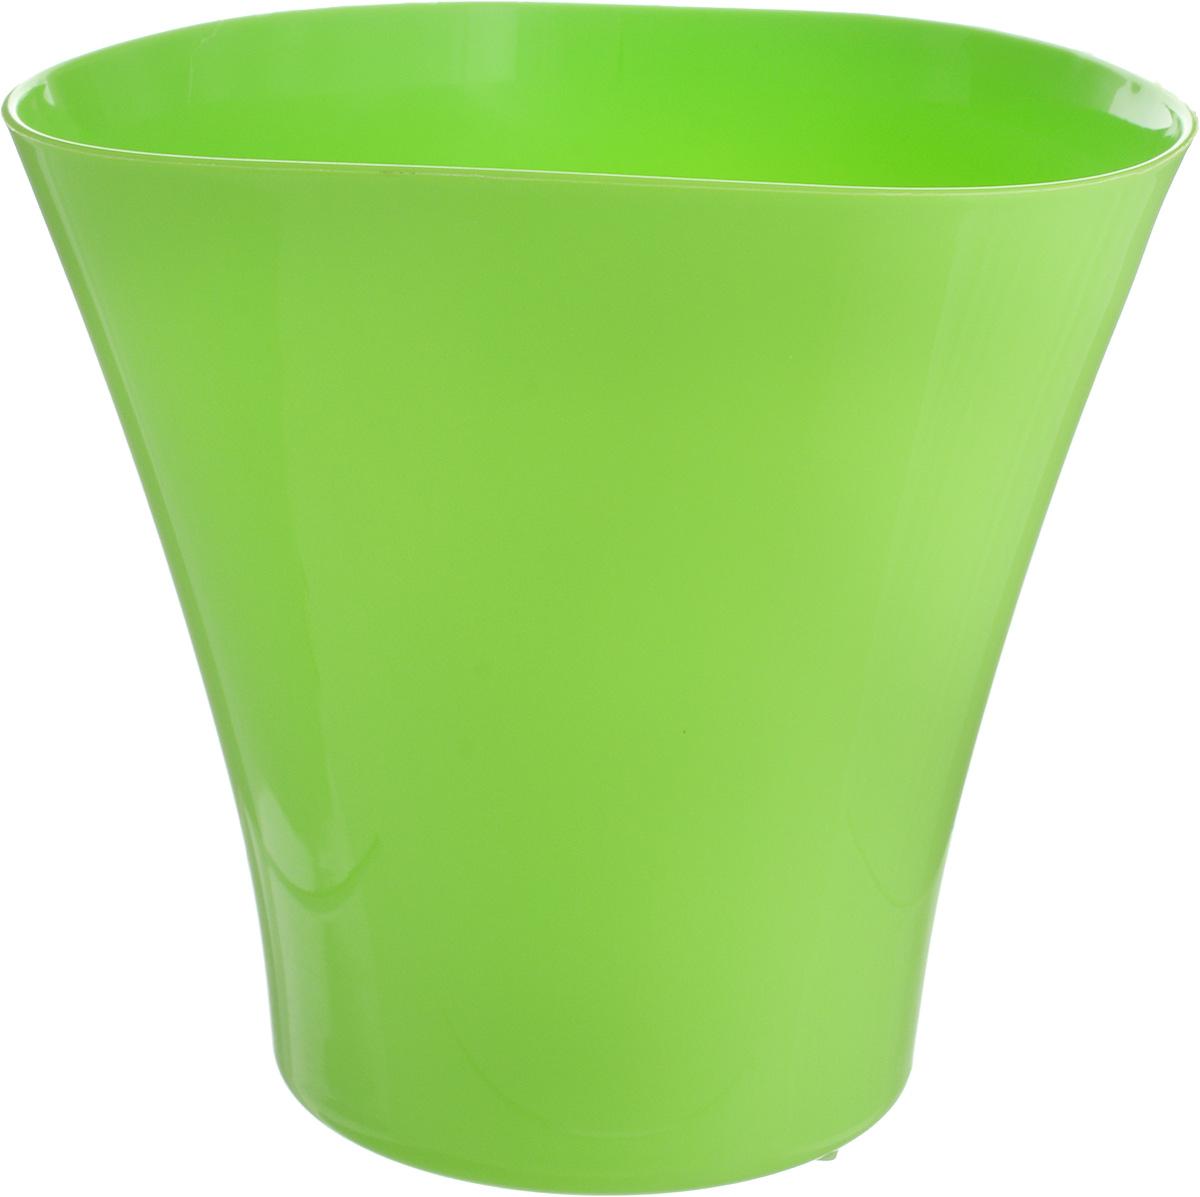 Кашпо JetPlast Волна, цвет: зеленый, 3 л5907474330464Кашпо Волна имеет уникальную форму, сочетающуюся как с классическим, так и с современным дизайном интерьера. Разнообразие цветовдает возможность подобрать кашпо именно под ваш стиль. Объем: 3 л.